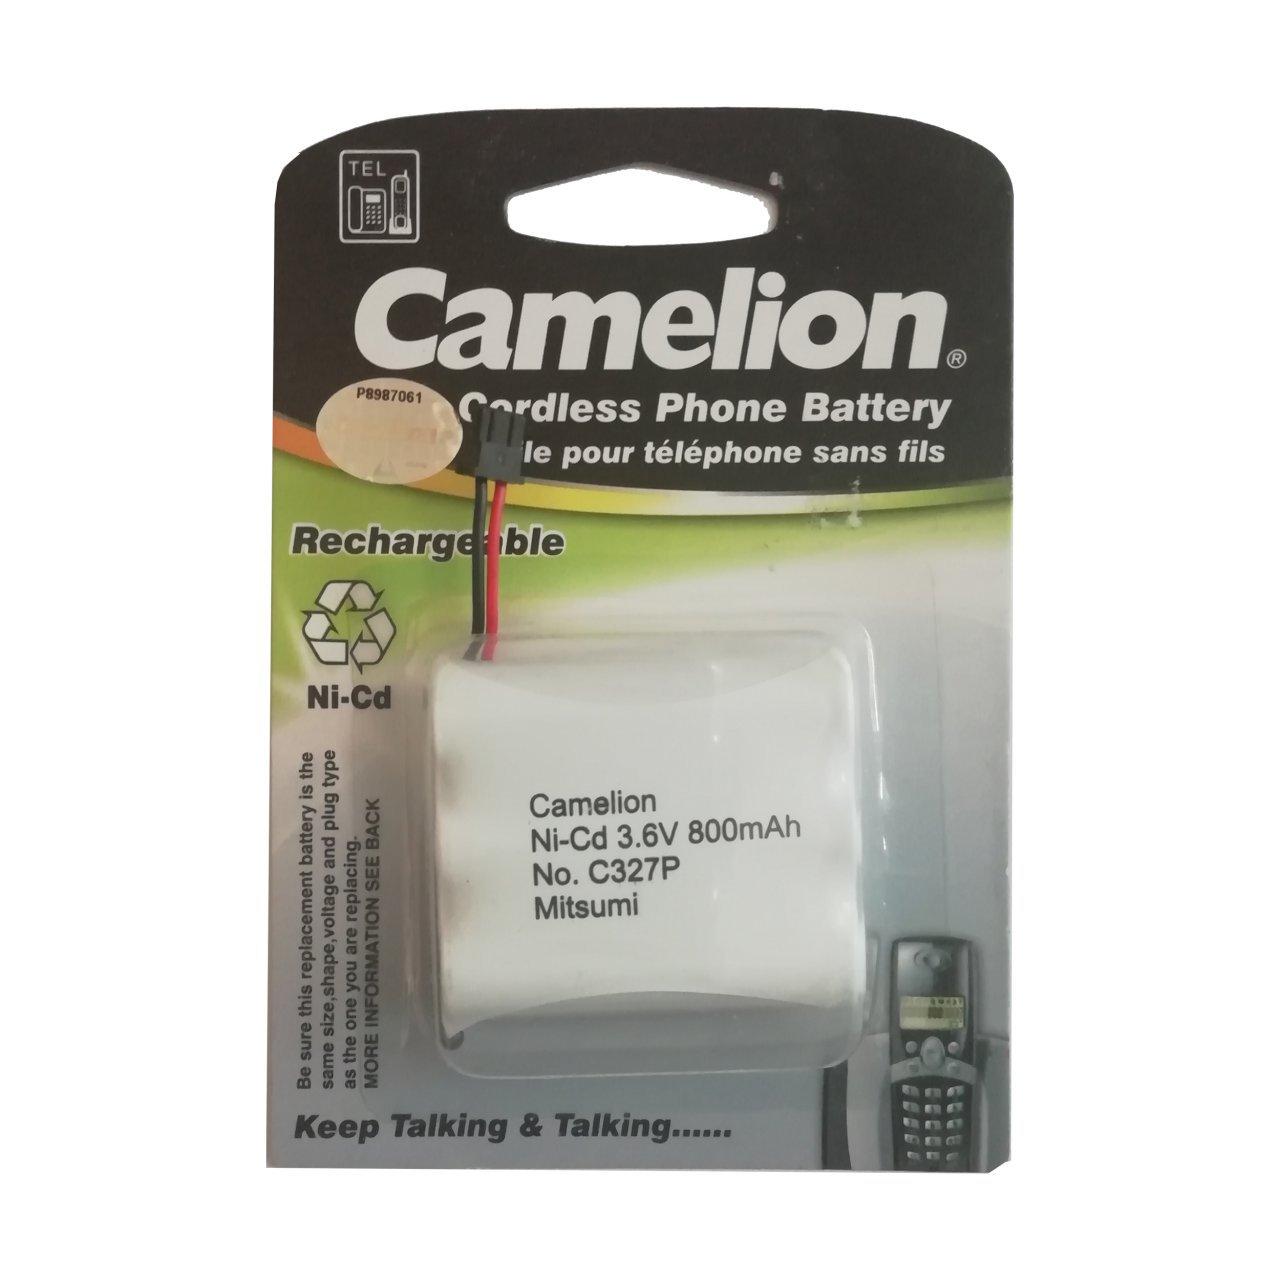 باتری تلفن بی سیم کملیون مدل C327P